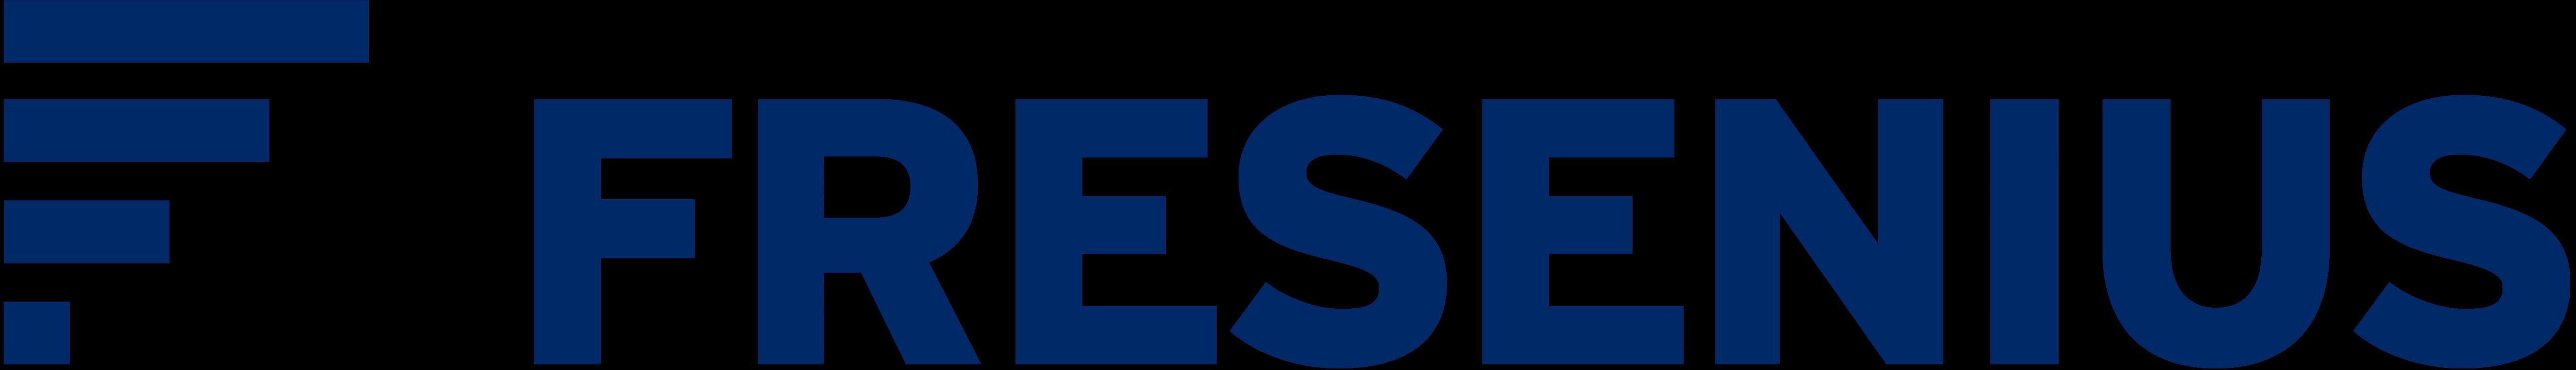 Fresenius - Fresenius Vector PNG